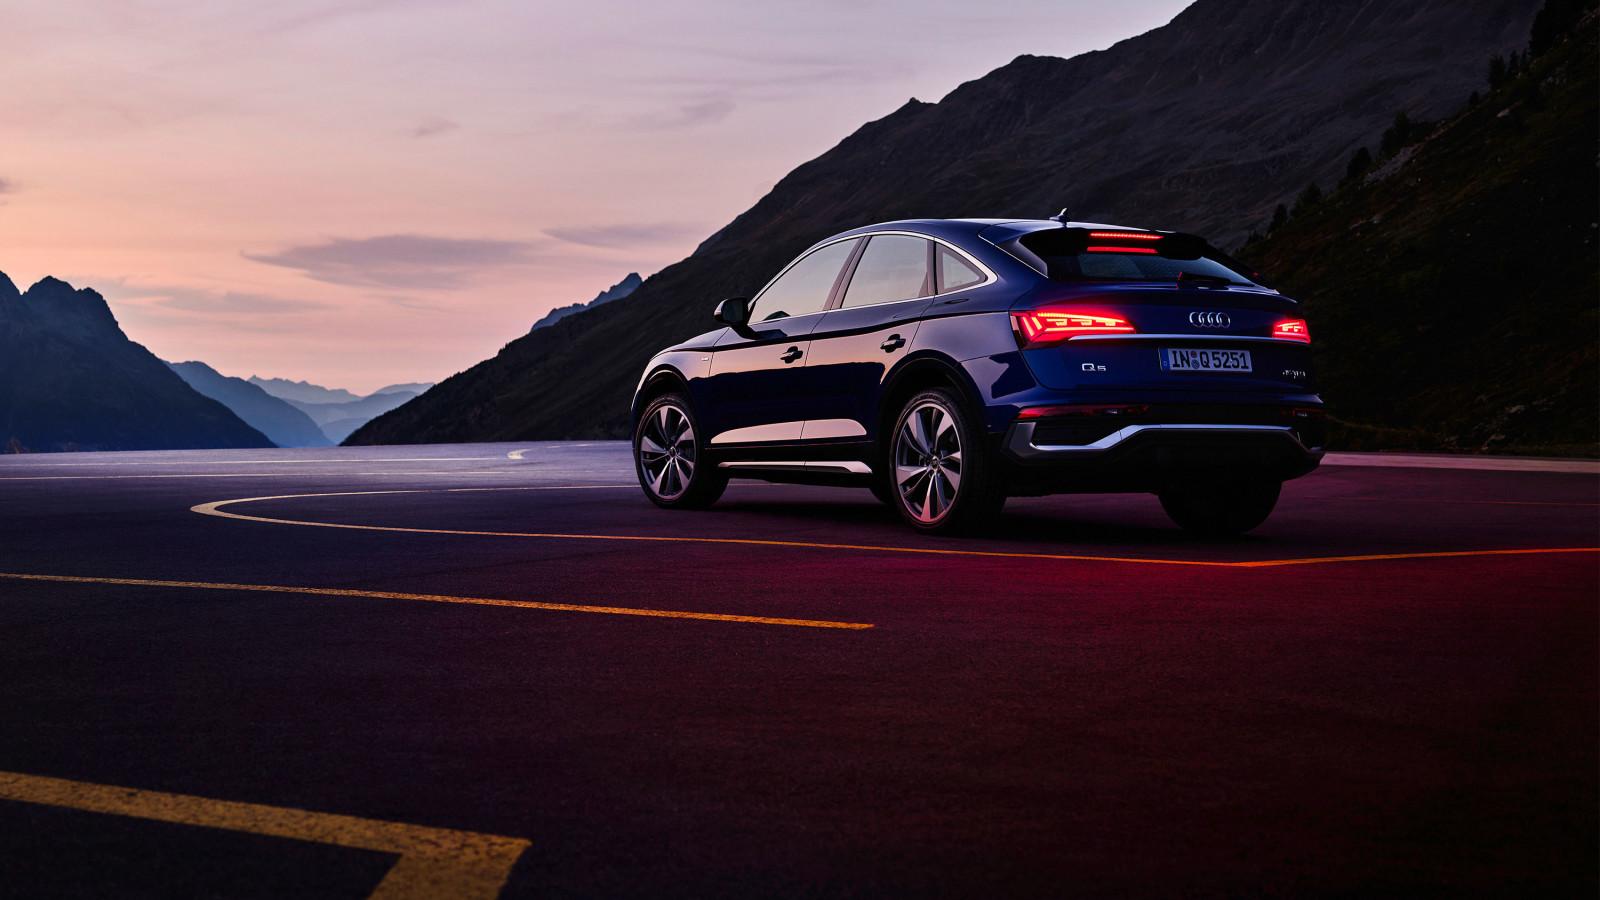 Der Audi Q5 Sportback zählt zu den Auto-Neuheiten 2021